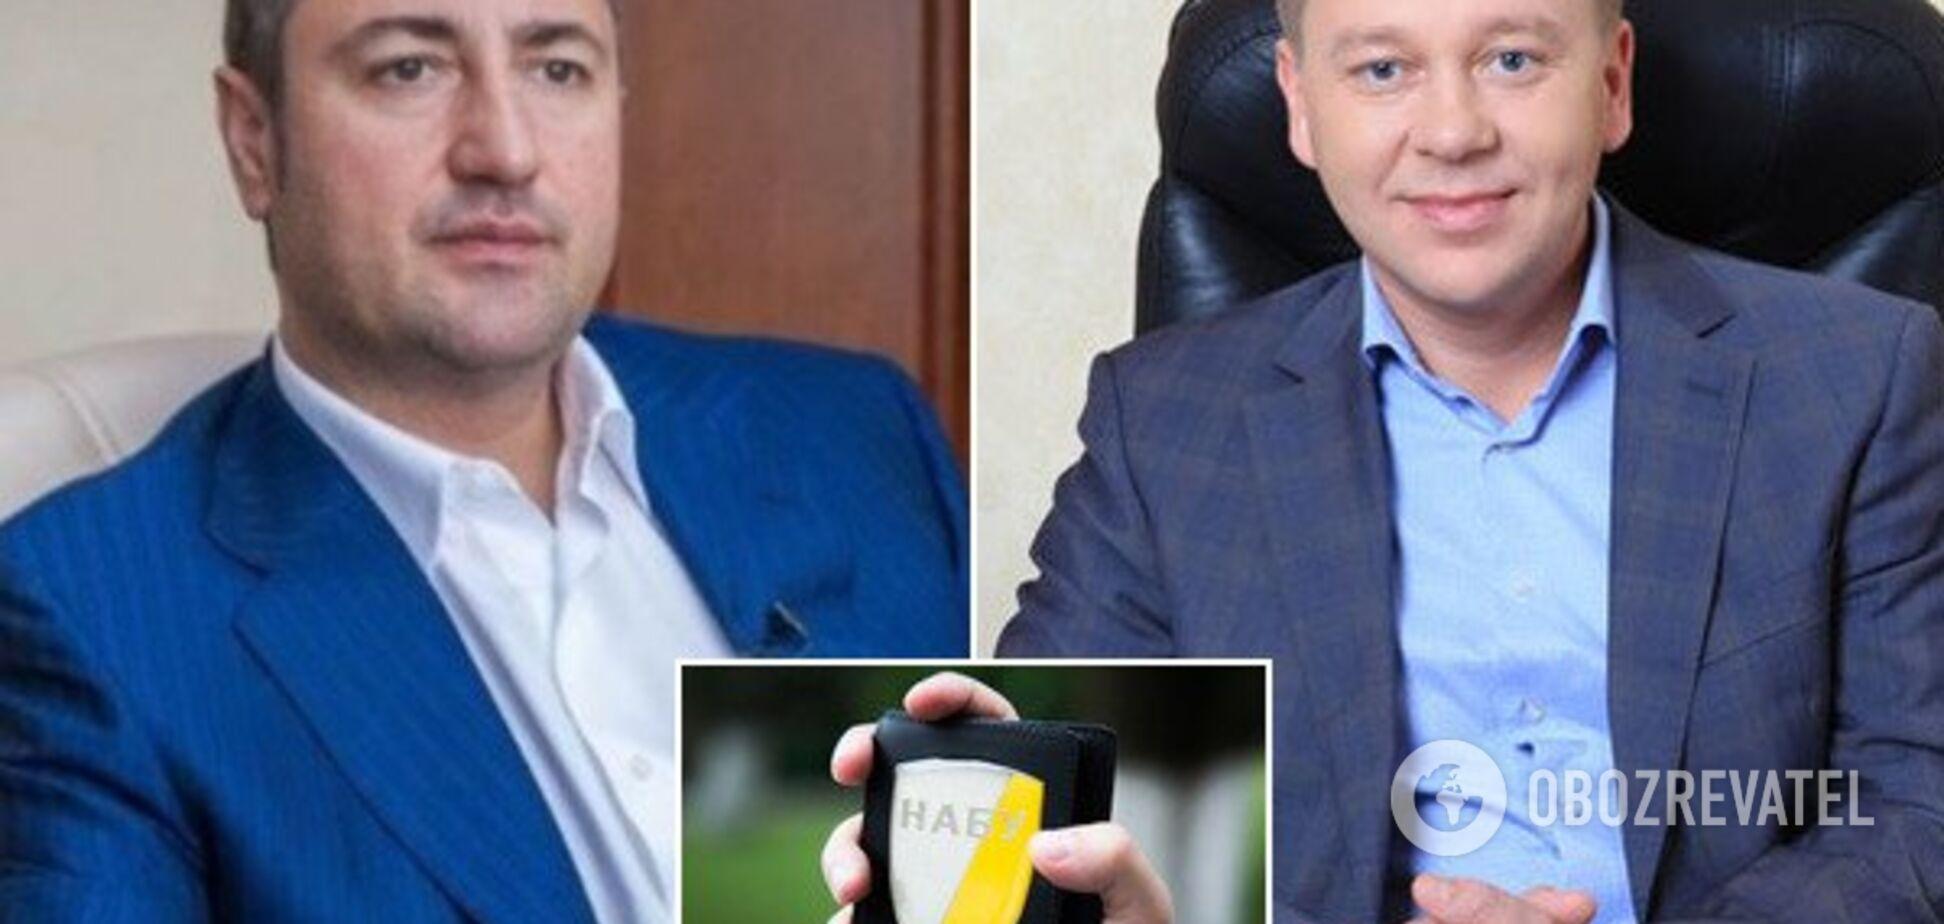 НАБУ заявило про підозру Бахматюку через VAB Банк: він заперечує